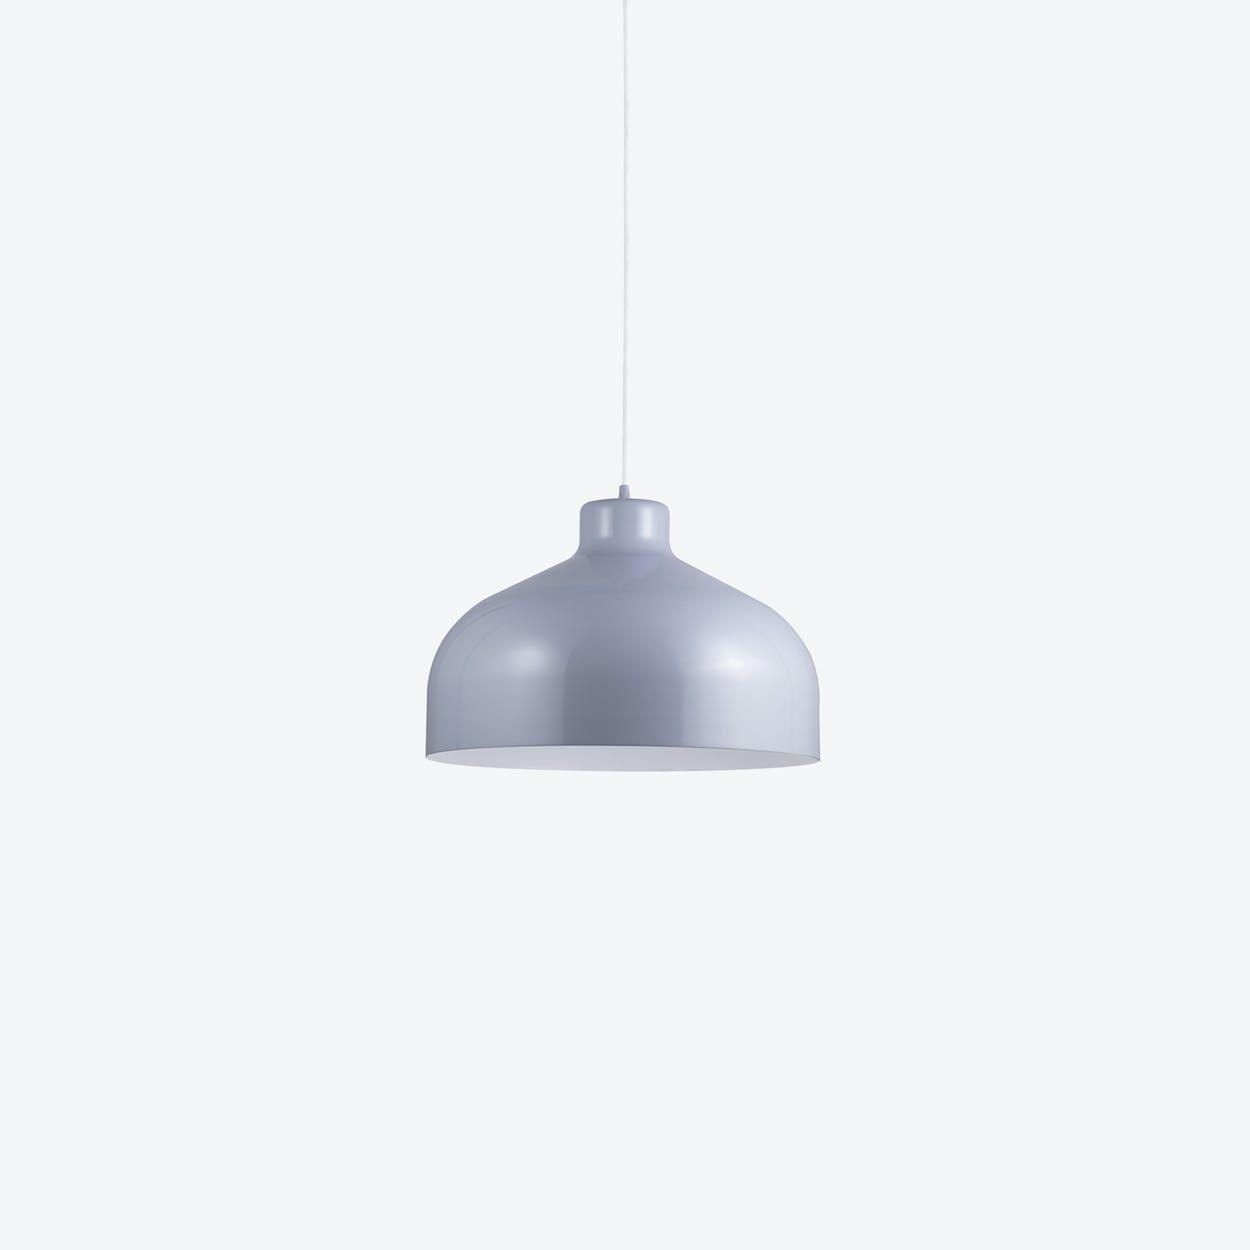 B&B Pendant Lamp in Grey